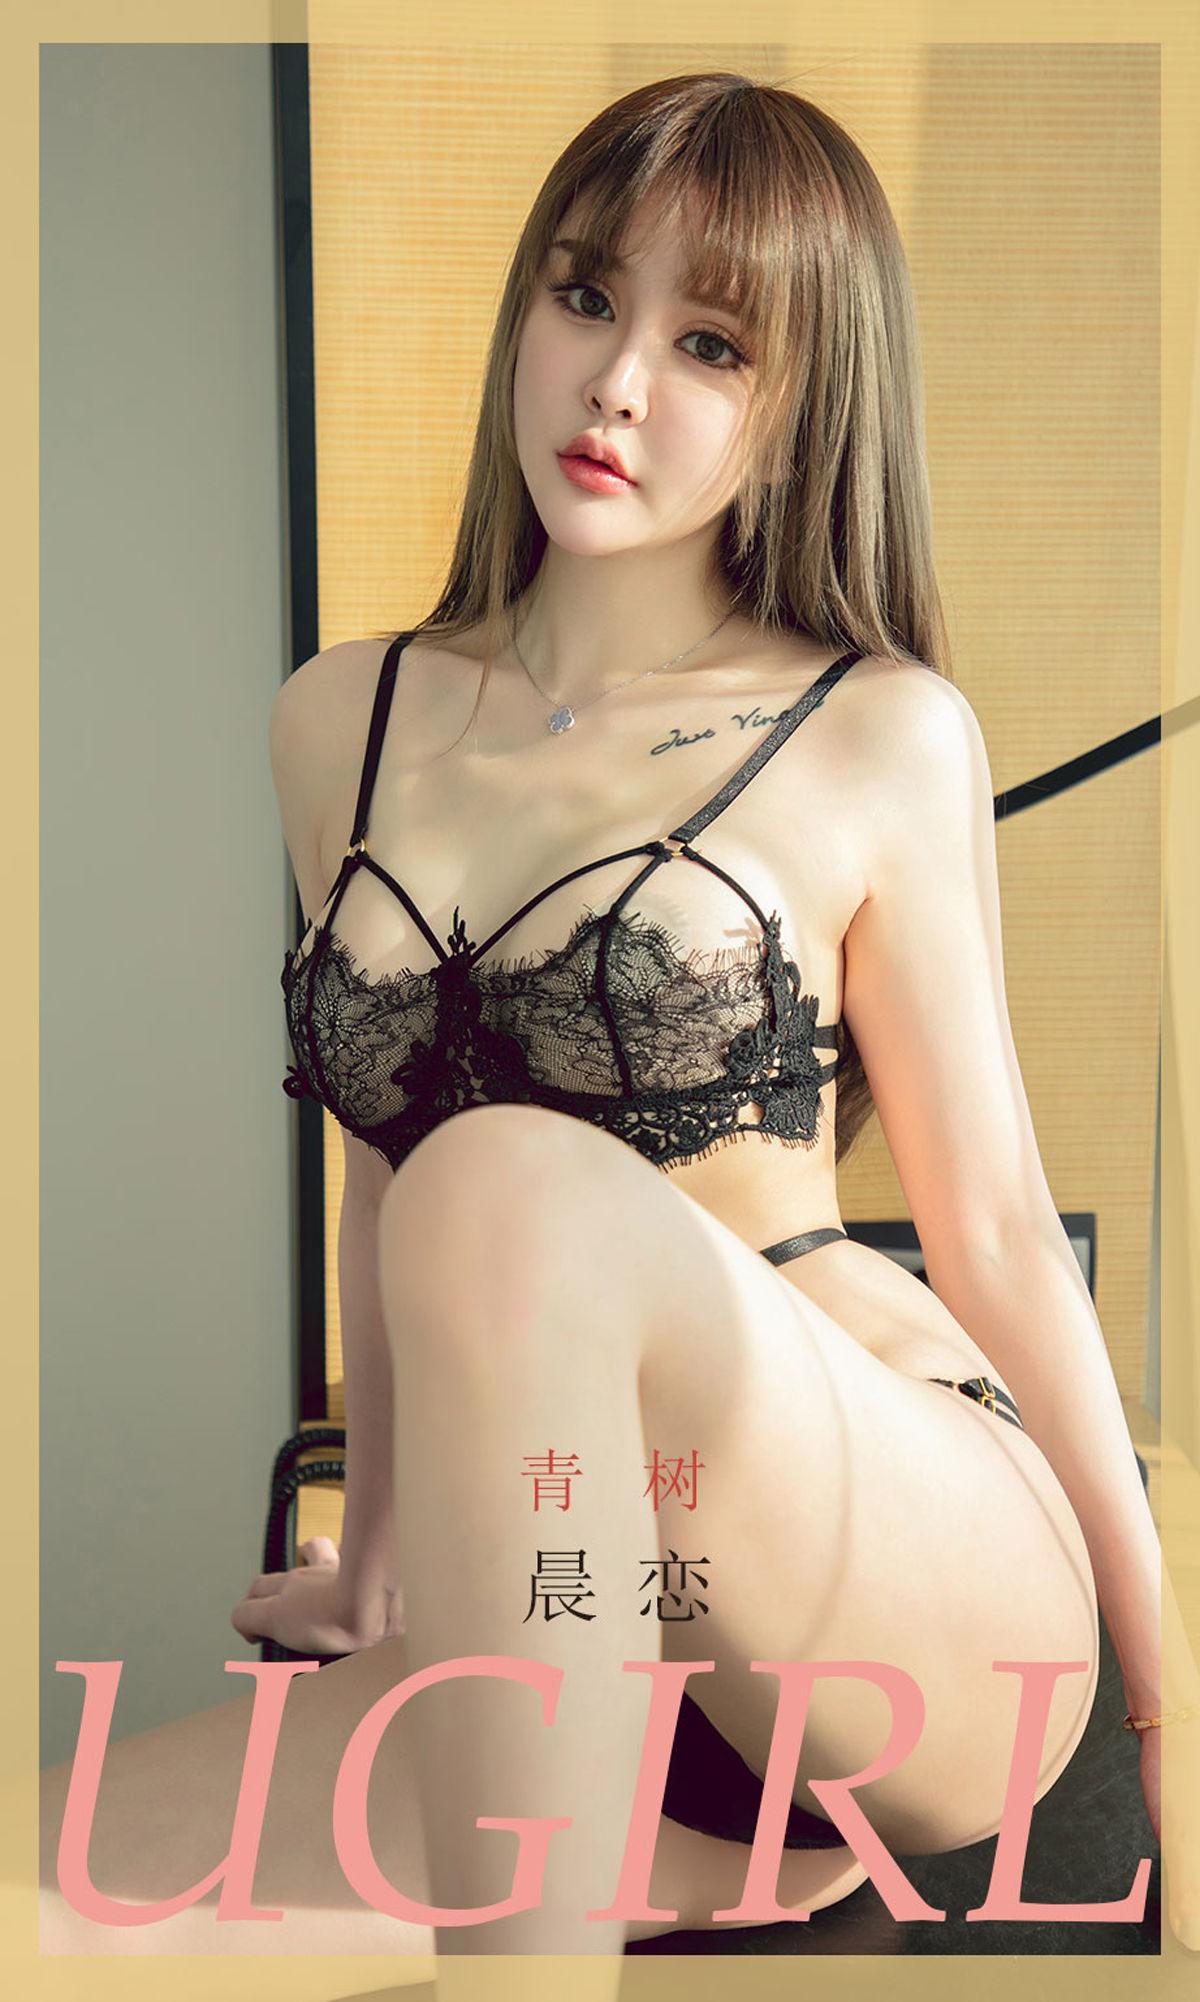 [推女神] Cheryl青树 晨恋 高清写真套图